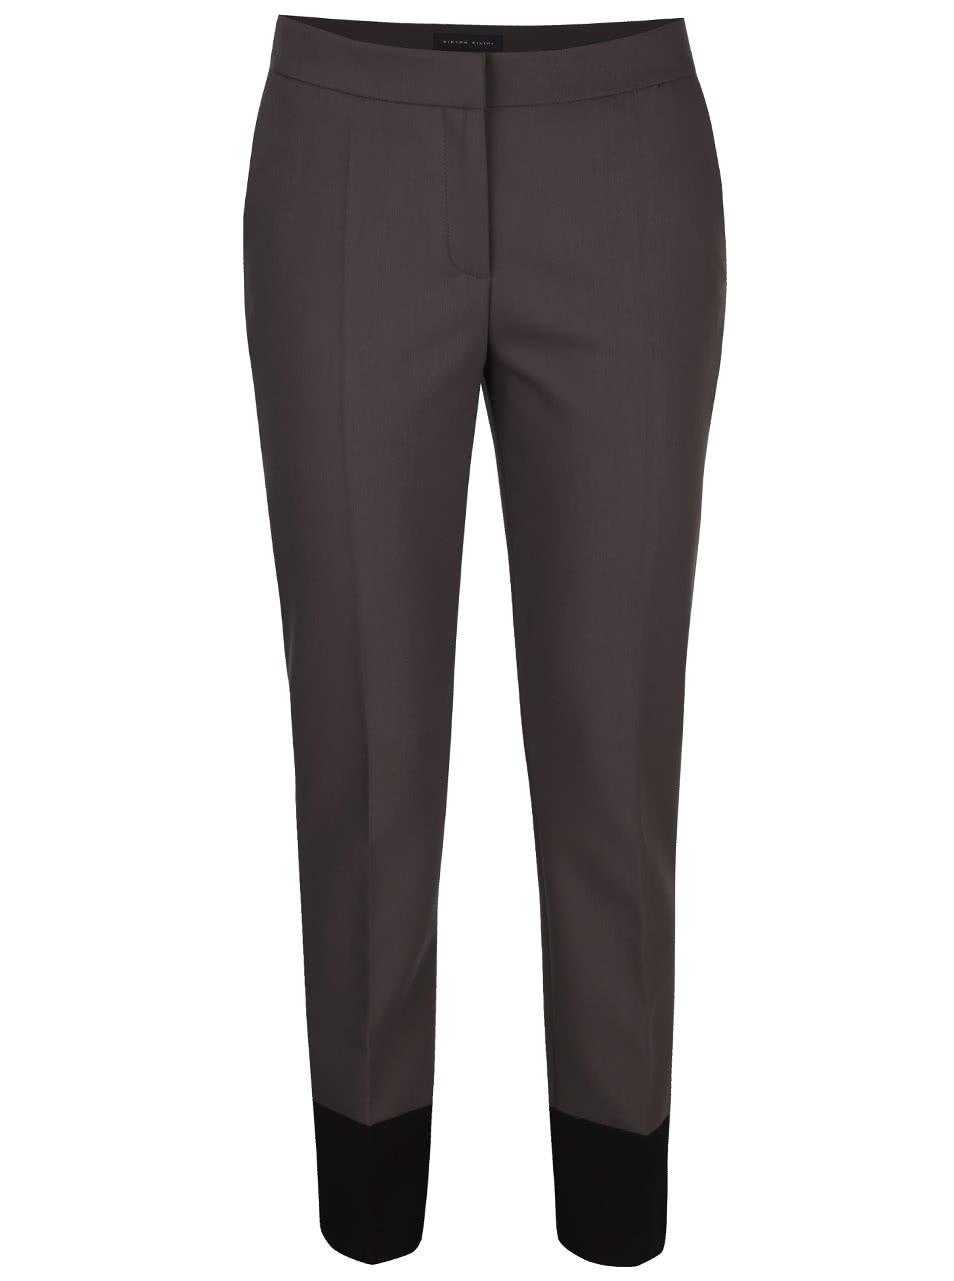 Šedé dámské kalhoty s puky Pietro Filipi